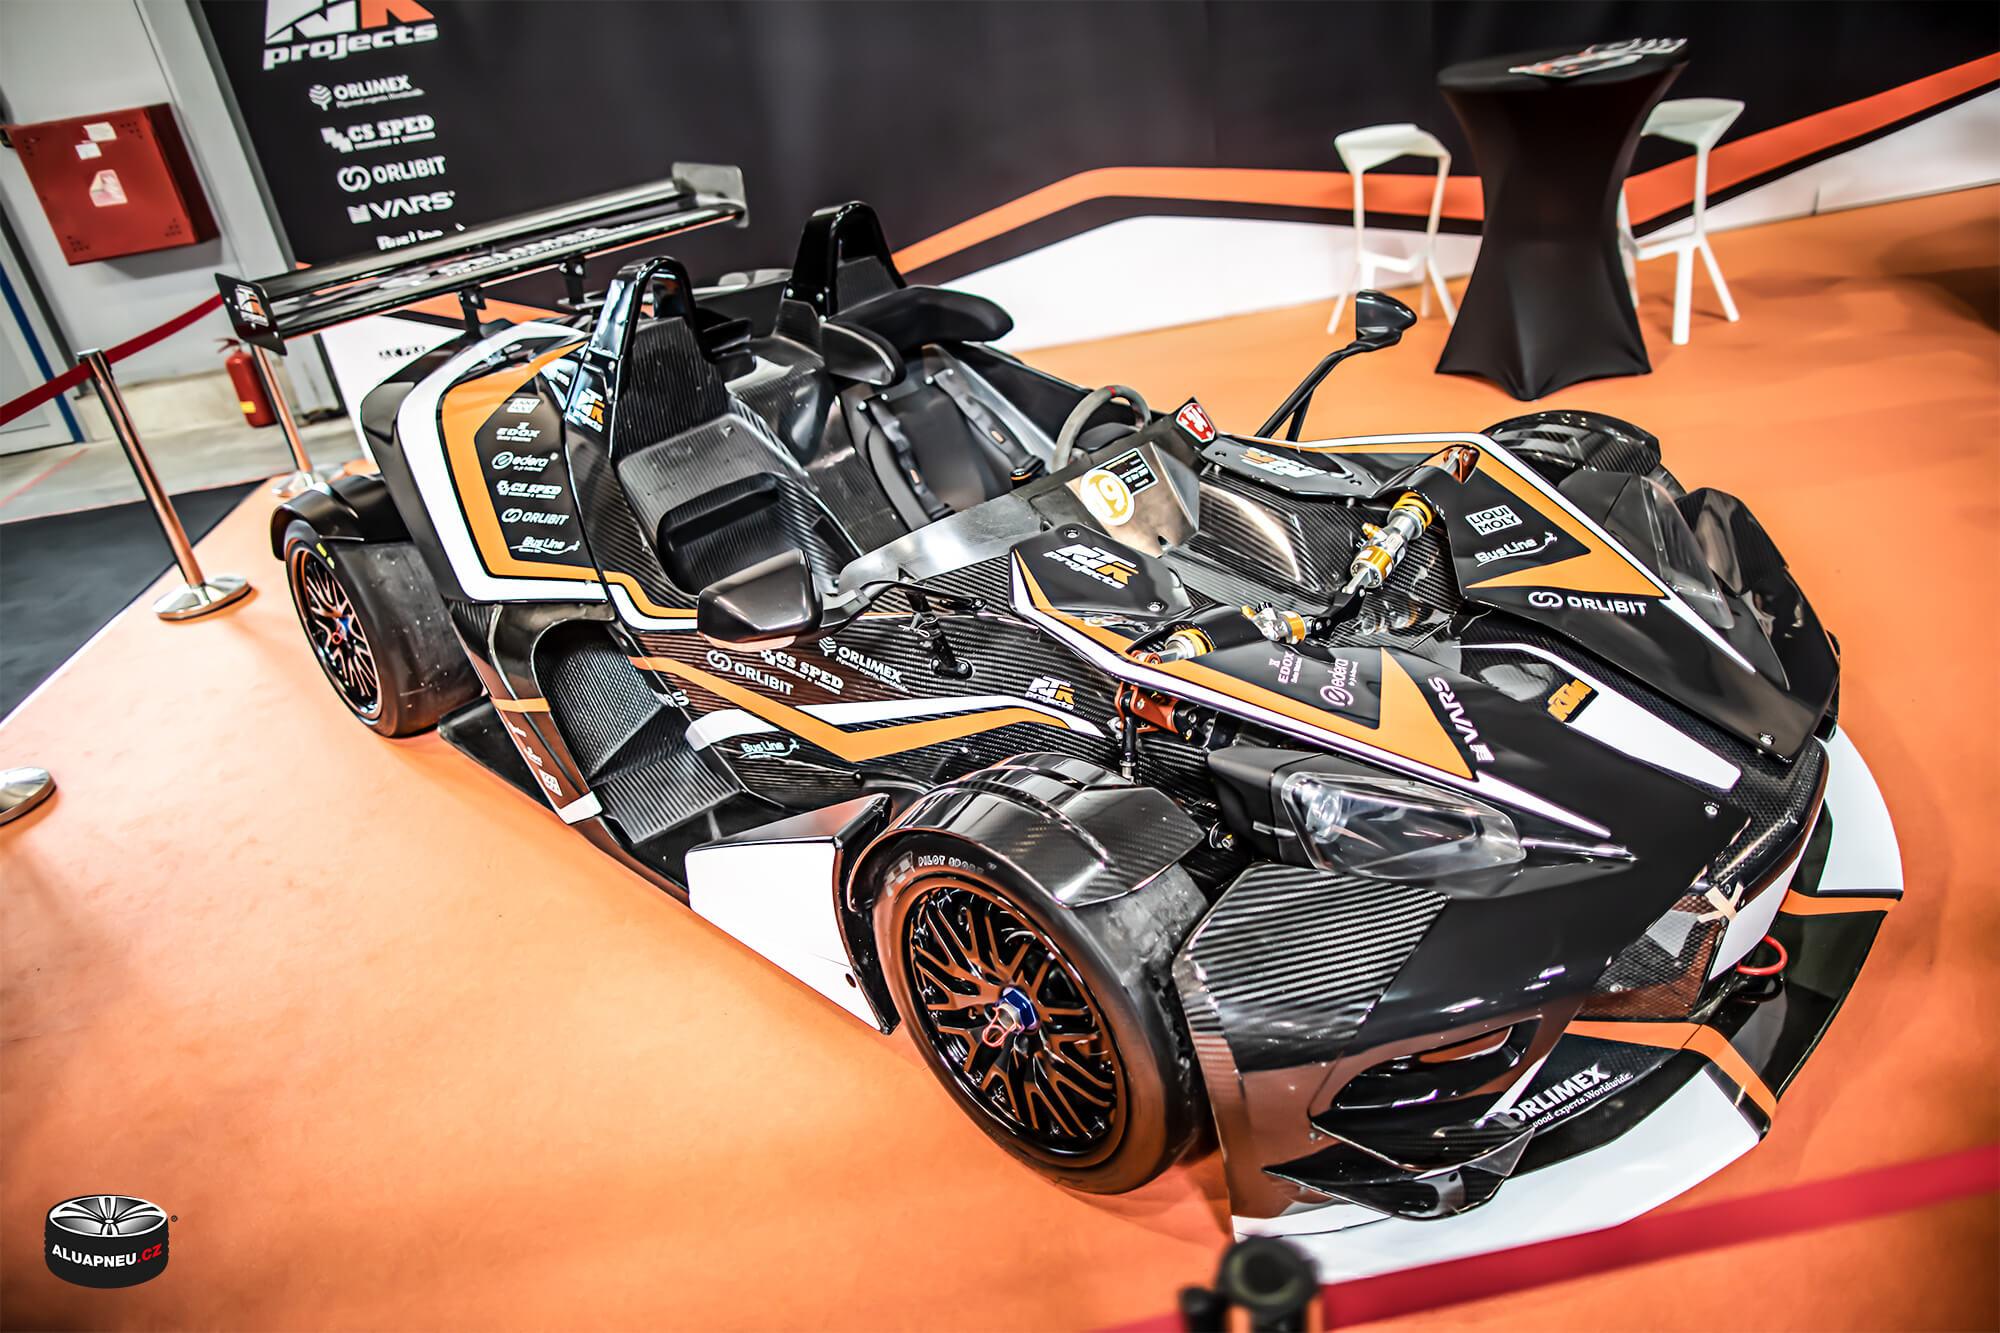 Ktm racing - černá alu kola Ktm - Autosalon Praha 2019 - www.aluapneu.cz